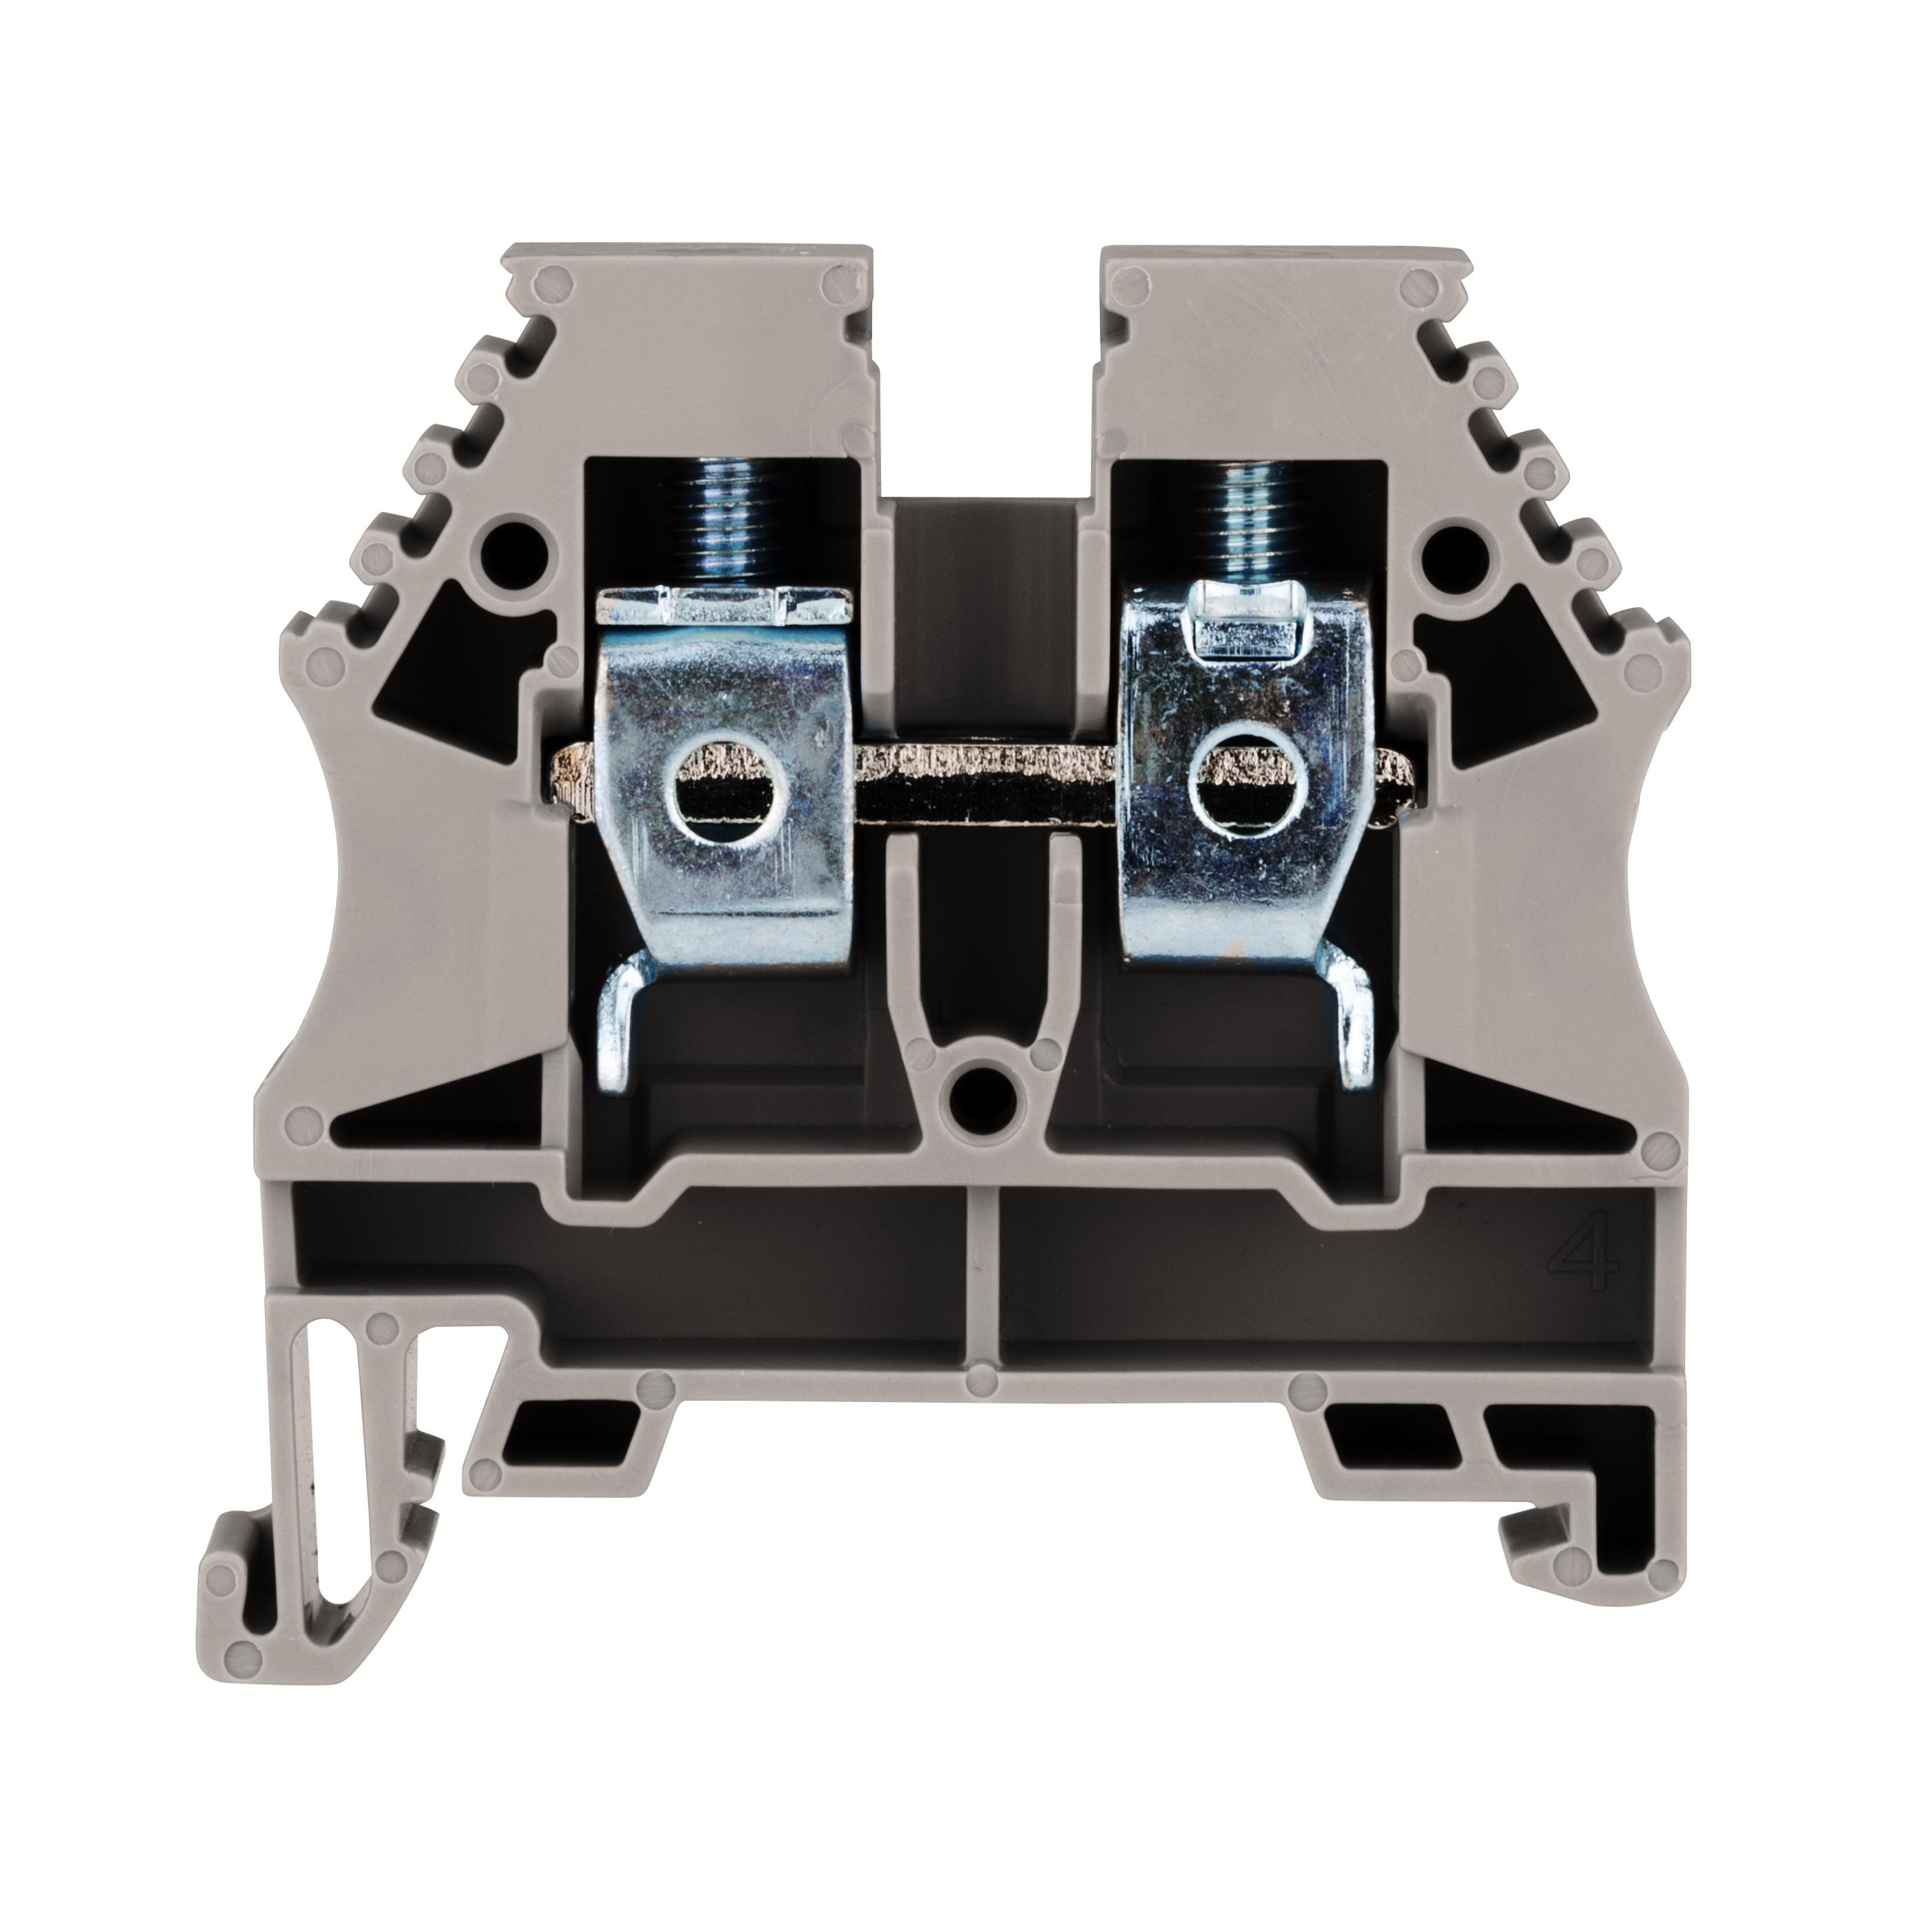 1 Stk Reihenklemme 10mm², Type AVK 10,grau IK600010--